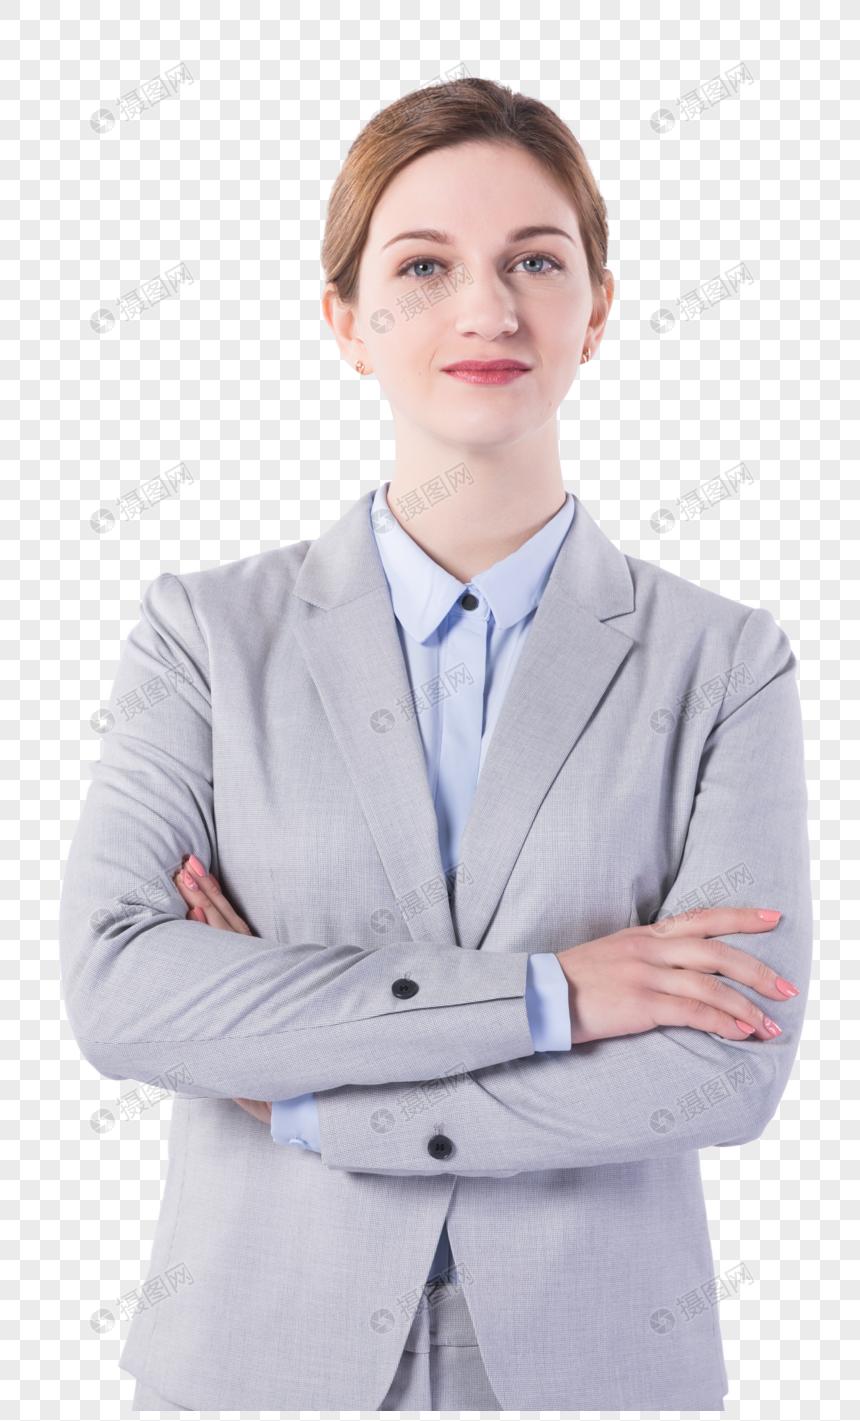 Wanita Bisnis Asing Mengenakan Jas Png Grafik Gambar Unduh Gratis Lovepik